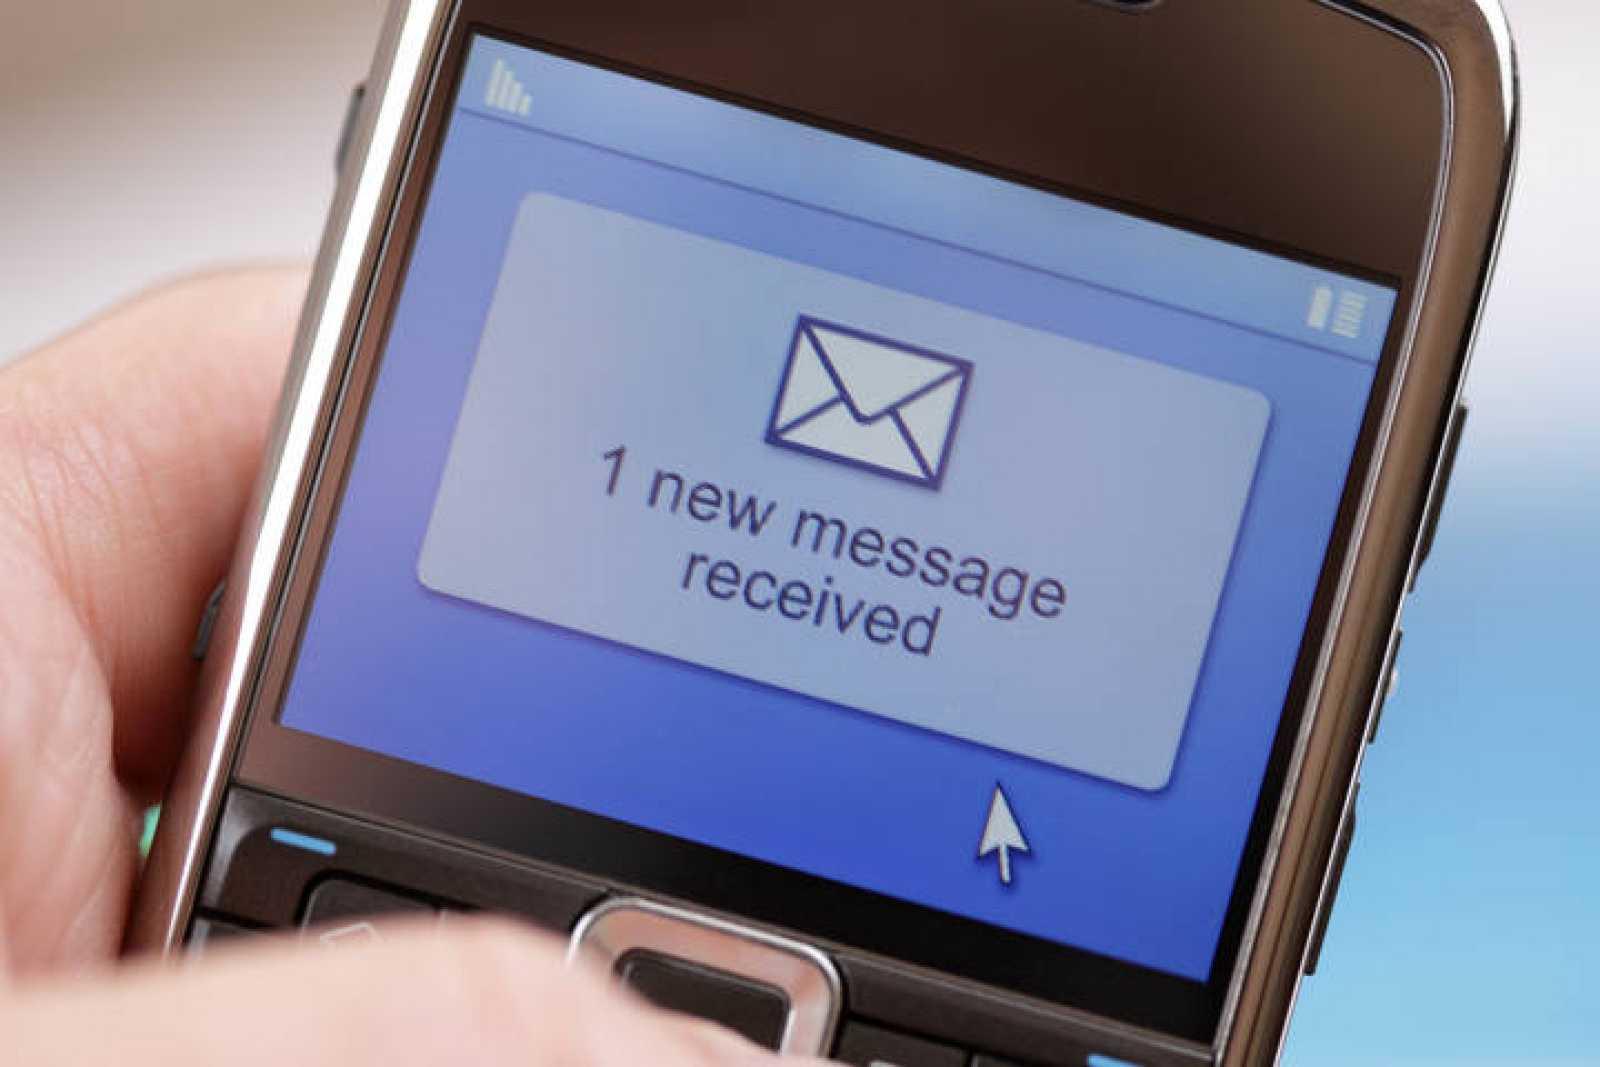 La OCU ha analizado los servicios de suscripción mediante mensajería 'premium' prestados por doce empresas.